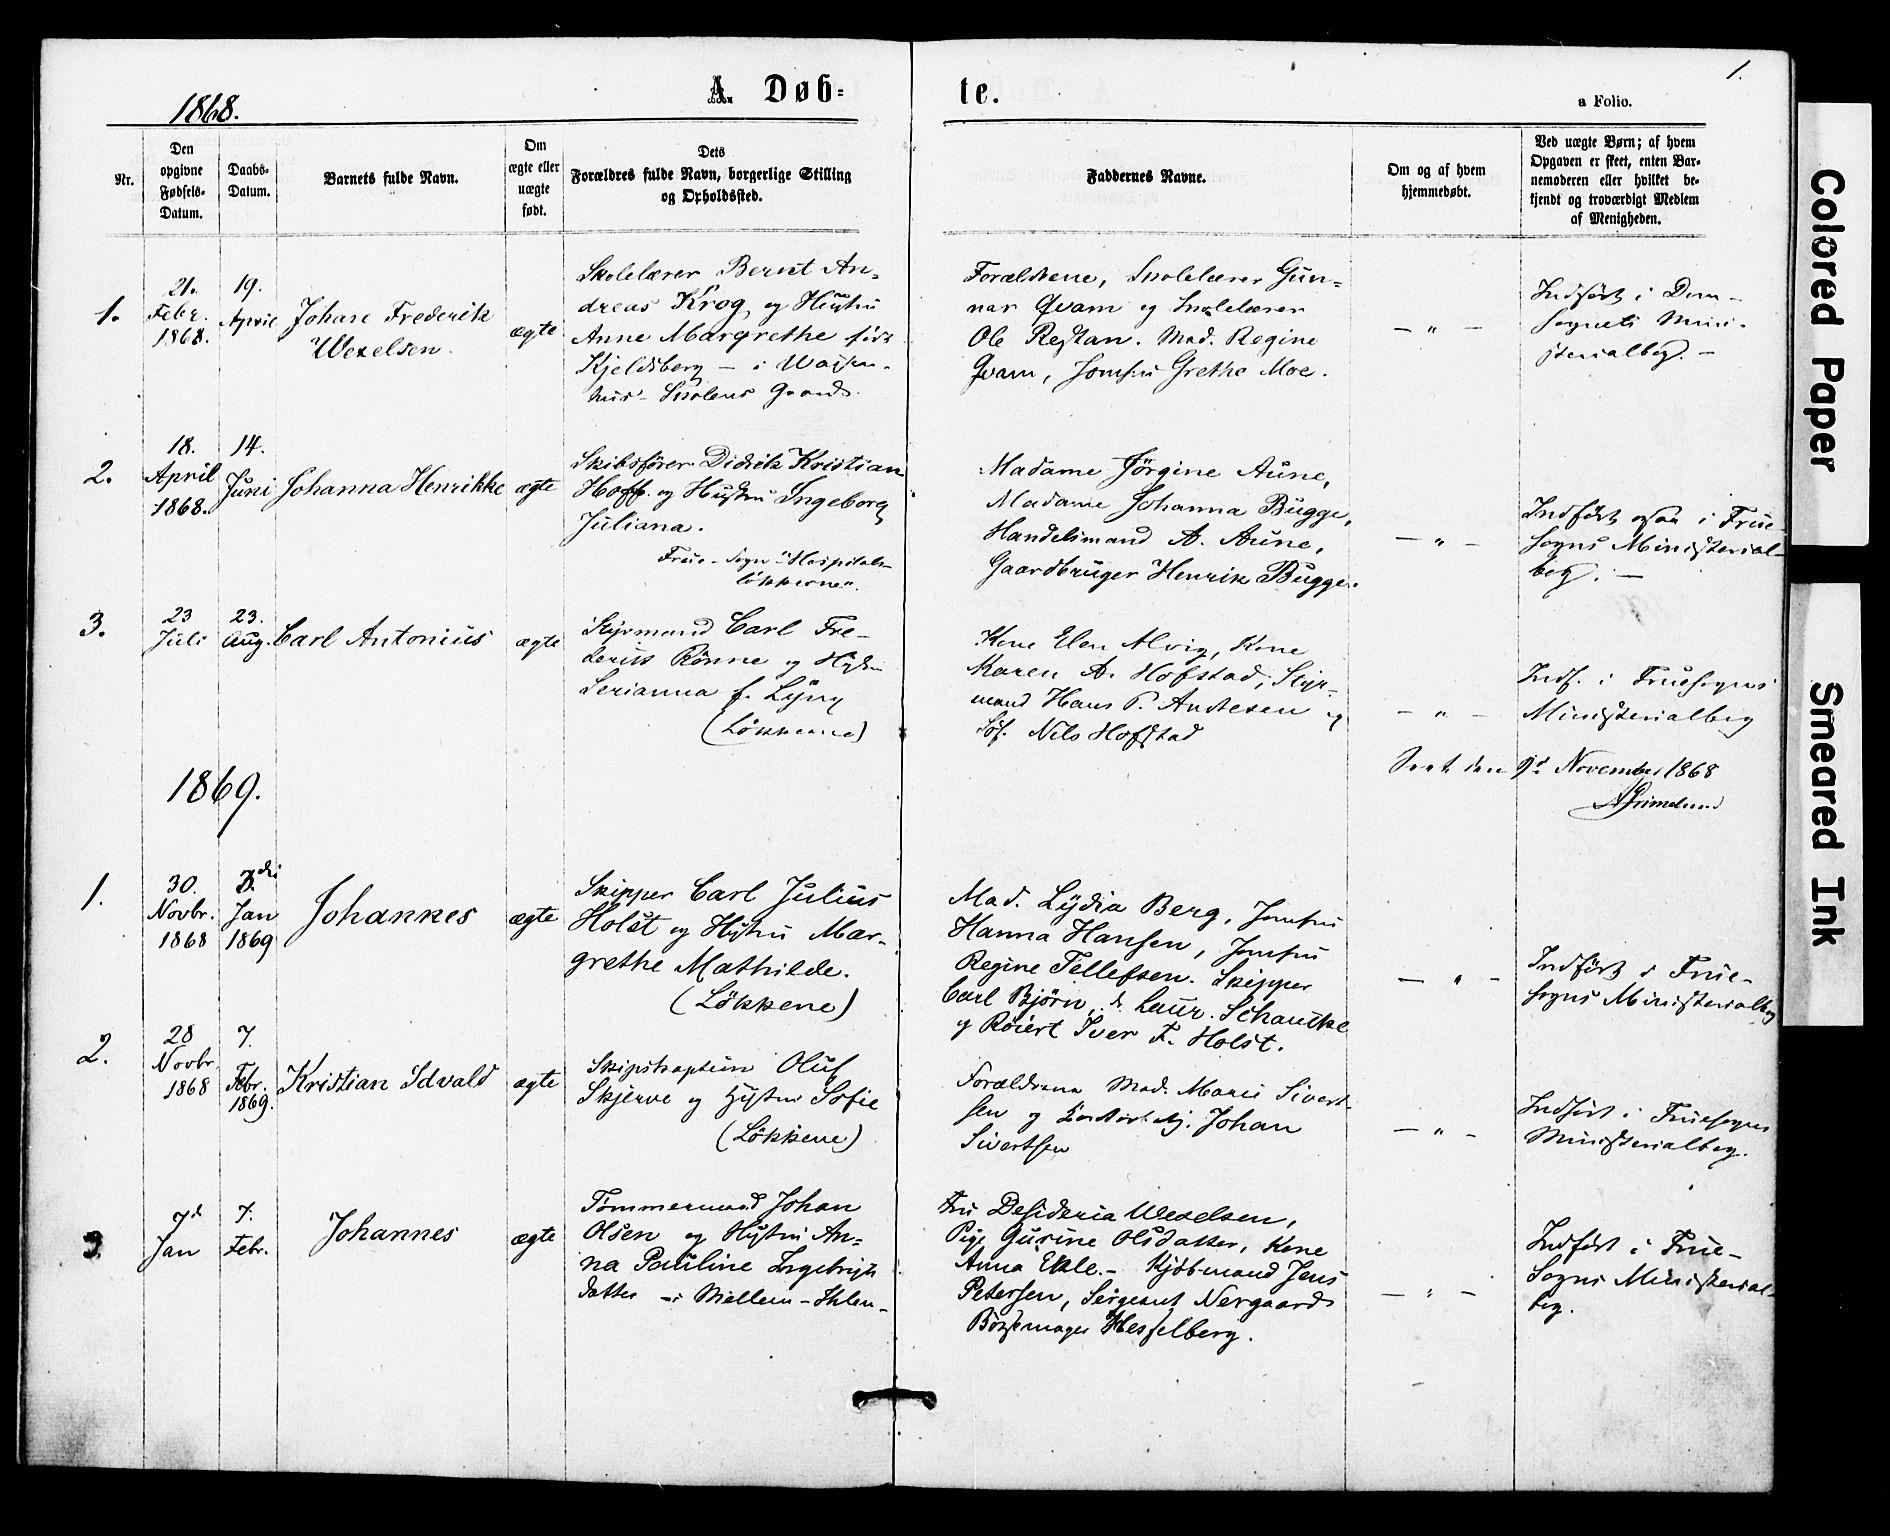 SAT, Ministerialprotokoller, klokkerbøker og fødselsregistre - Sør-Trøndelag, 623/L0469: Ministerialbok nr. 623A03, 1868-1883, s. 1